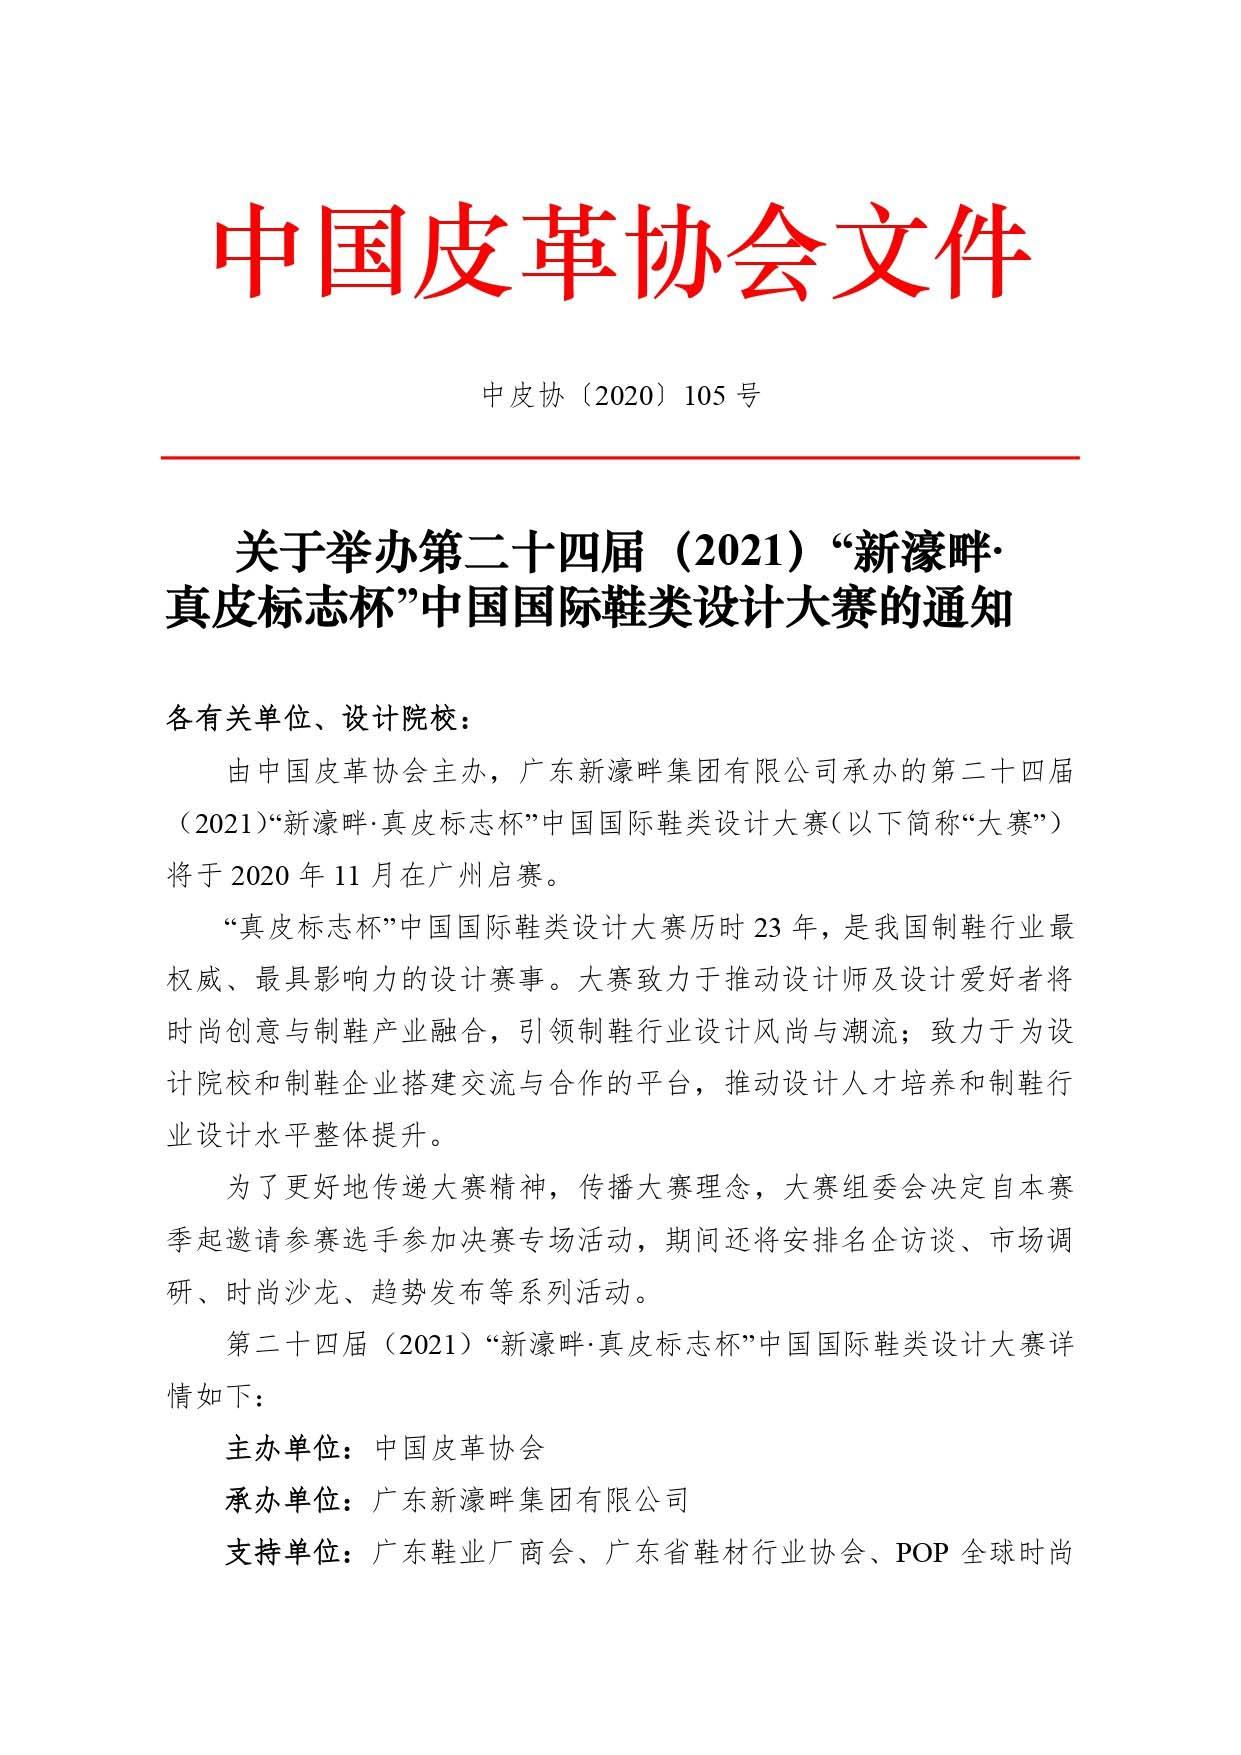 第二十四届(2021)真皮标志杯鞋类大赛通知2020.11.25.印刷版_page-0001.jpg